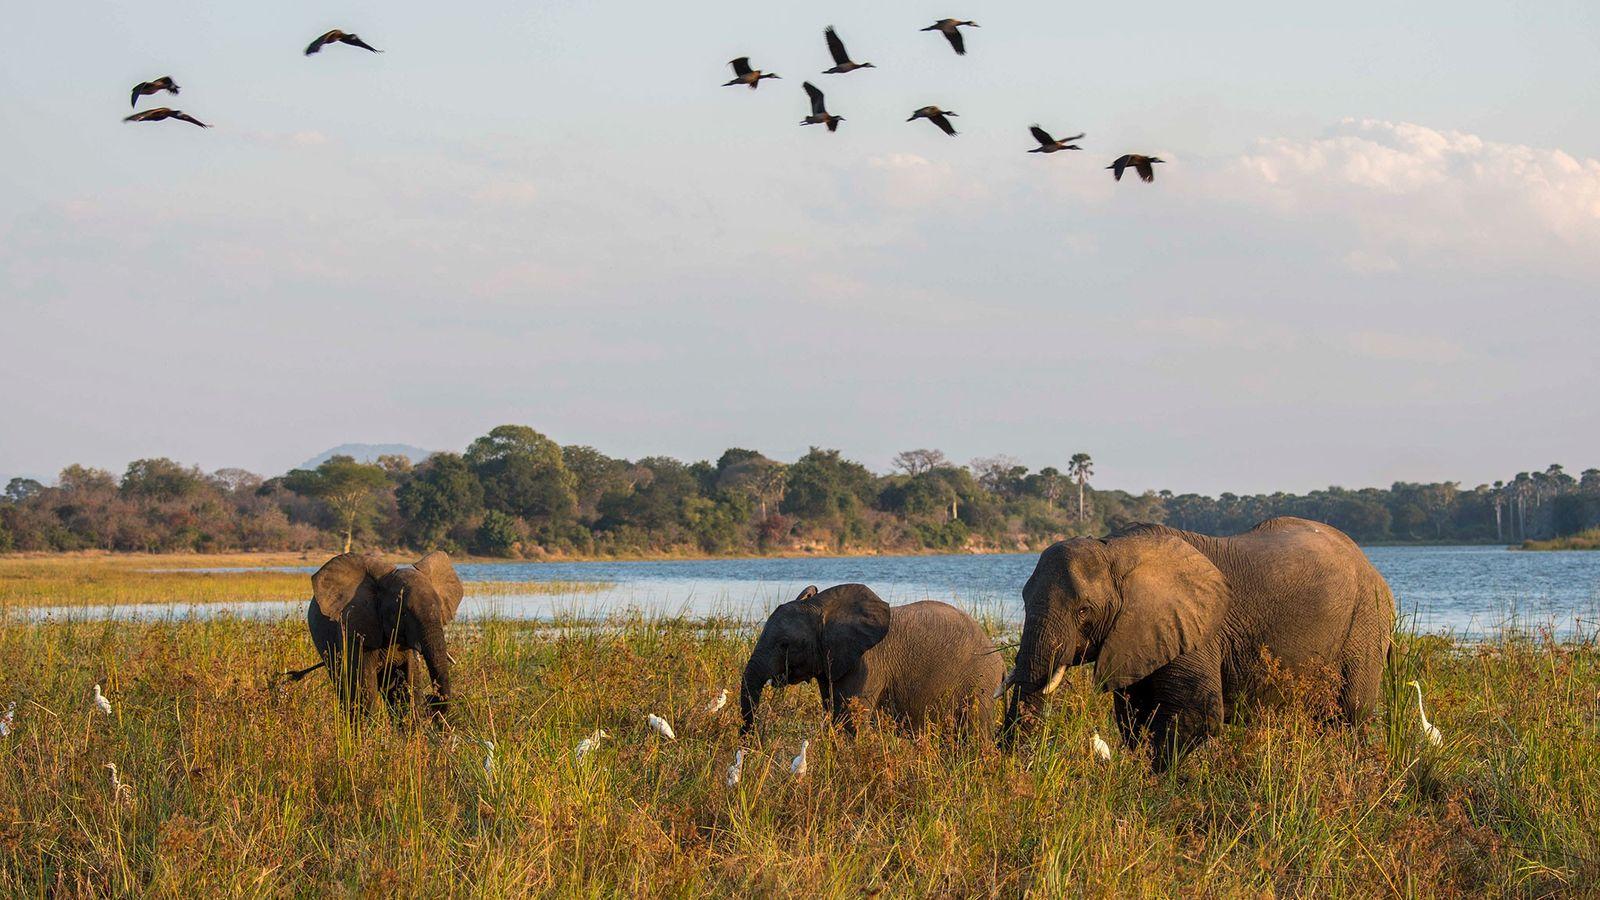 Elefantes-africanos a pastar ao lado do rio Shire, no Parque Nacional de Liwonde, no Malawi. O ...